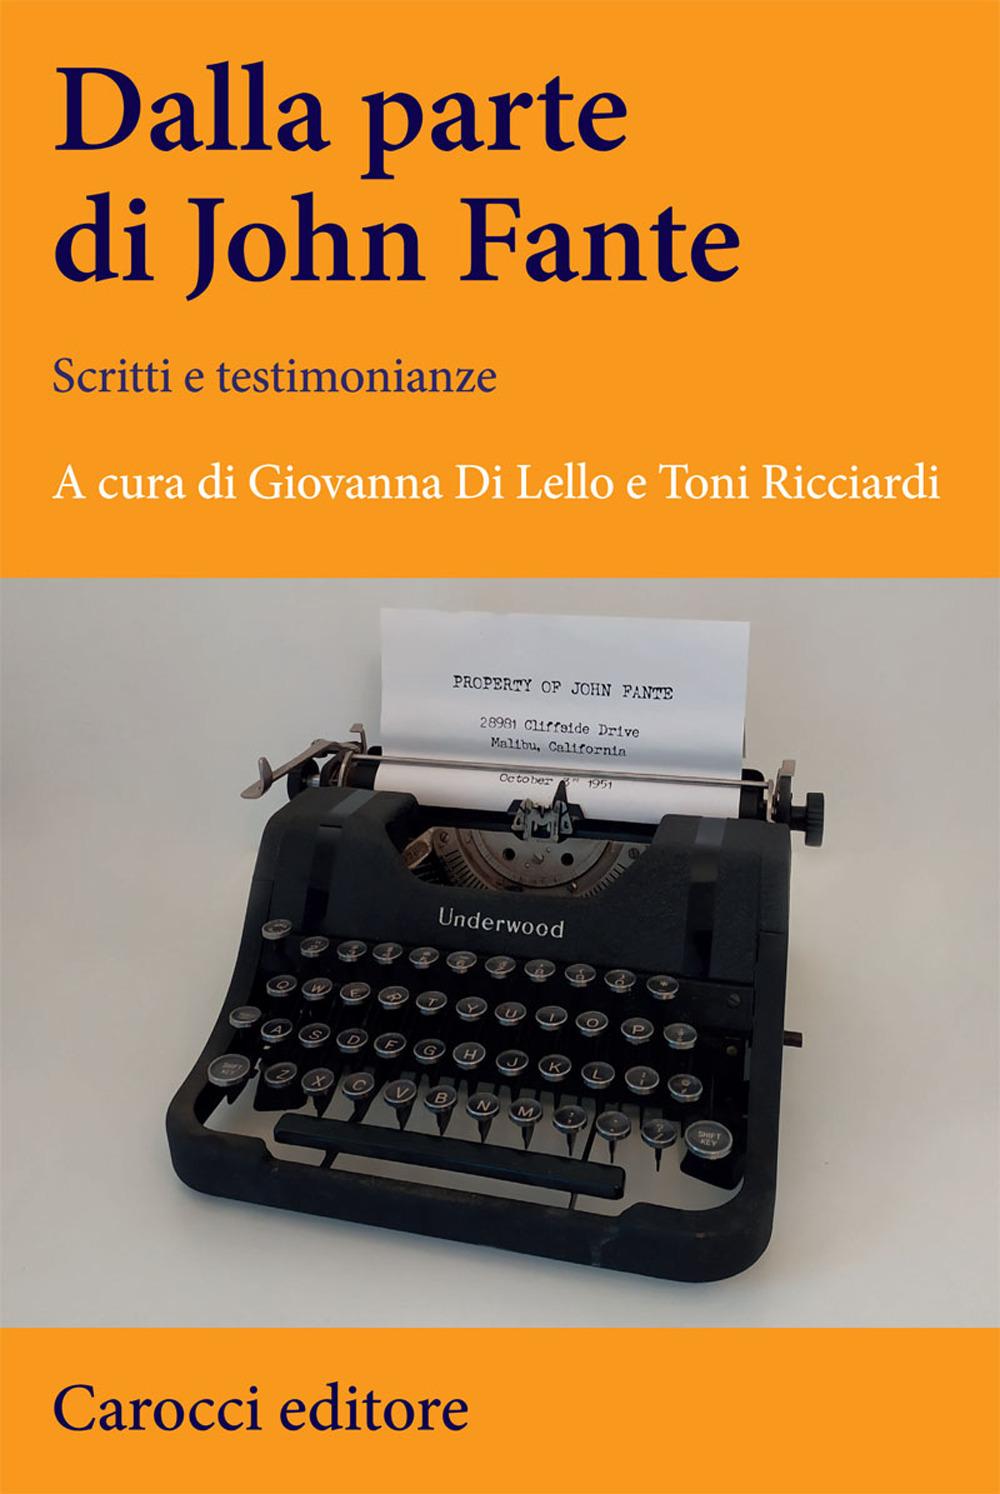 Dalla parte di John Fante. Scritti e testimonianze